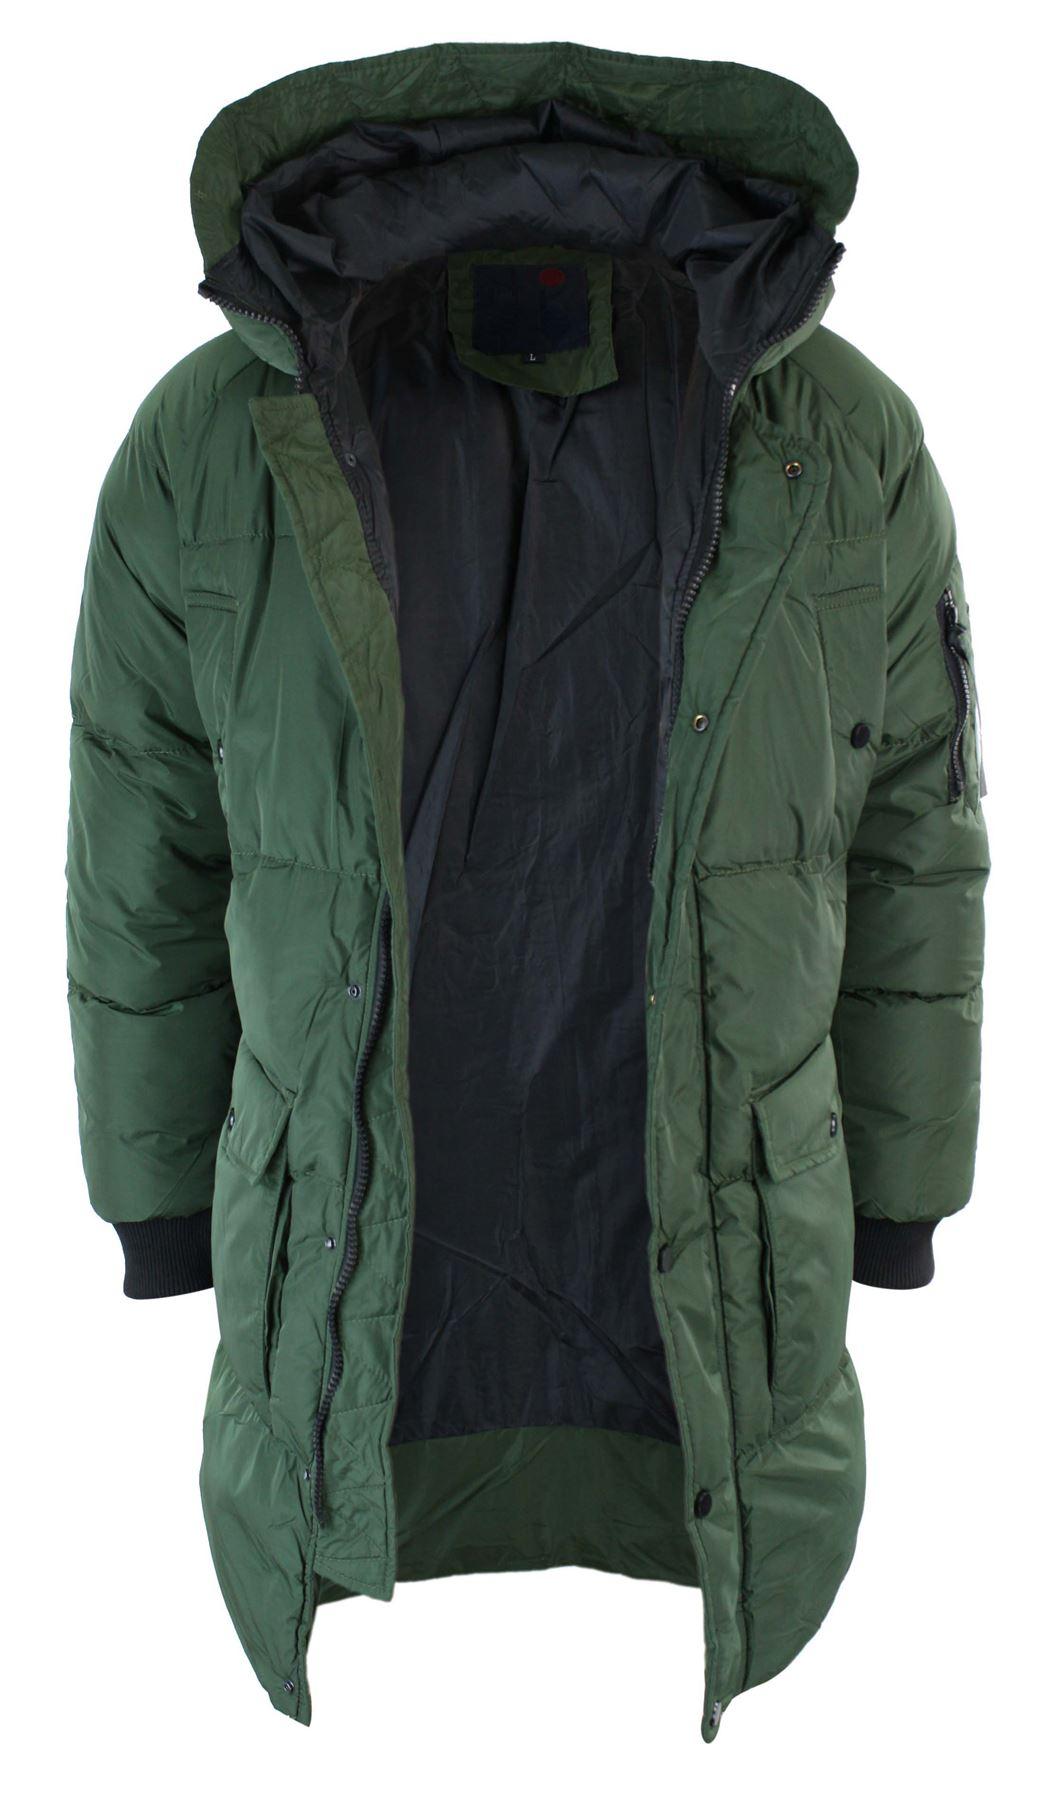 veste longue 3 4 doudoune matelass e capuche manteau chaud. Black Bedroom Furniture Sets. Home Design Ideas